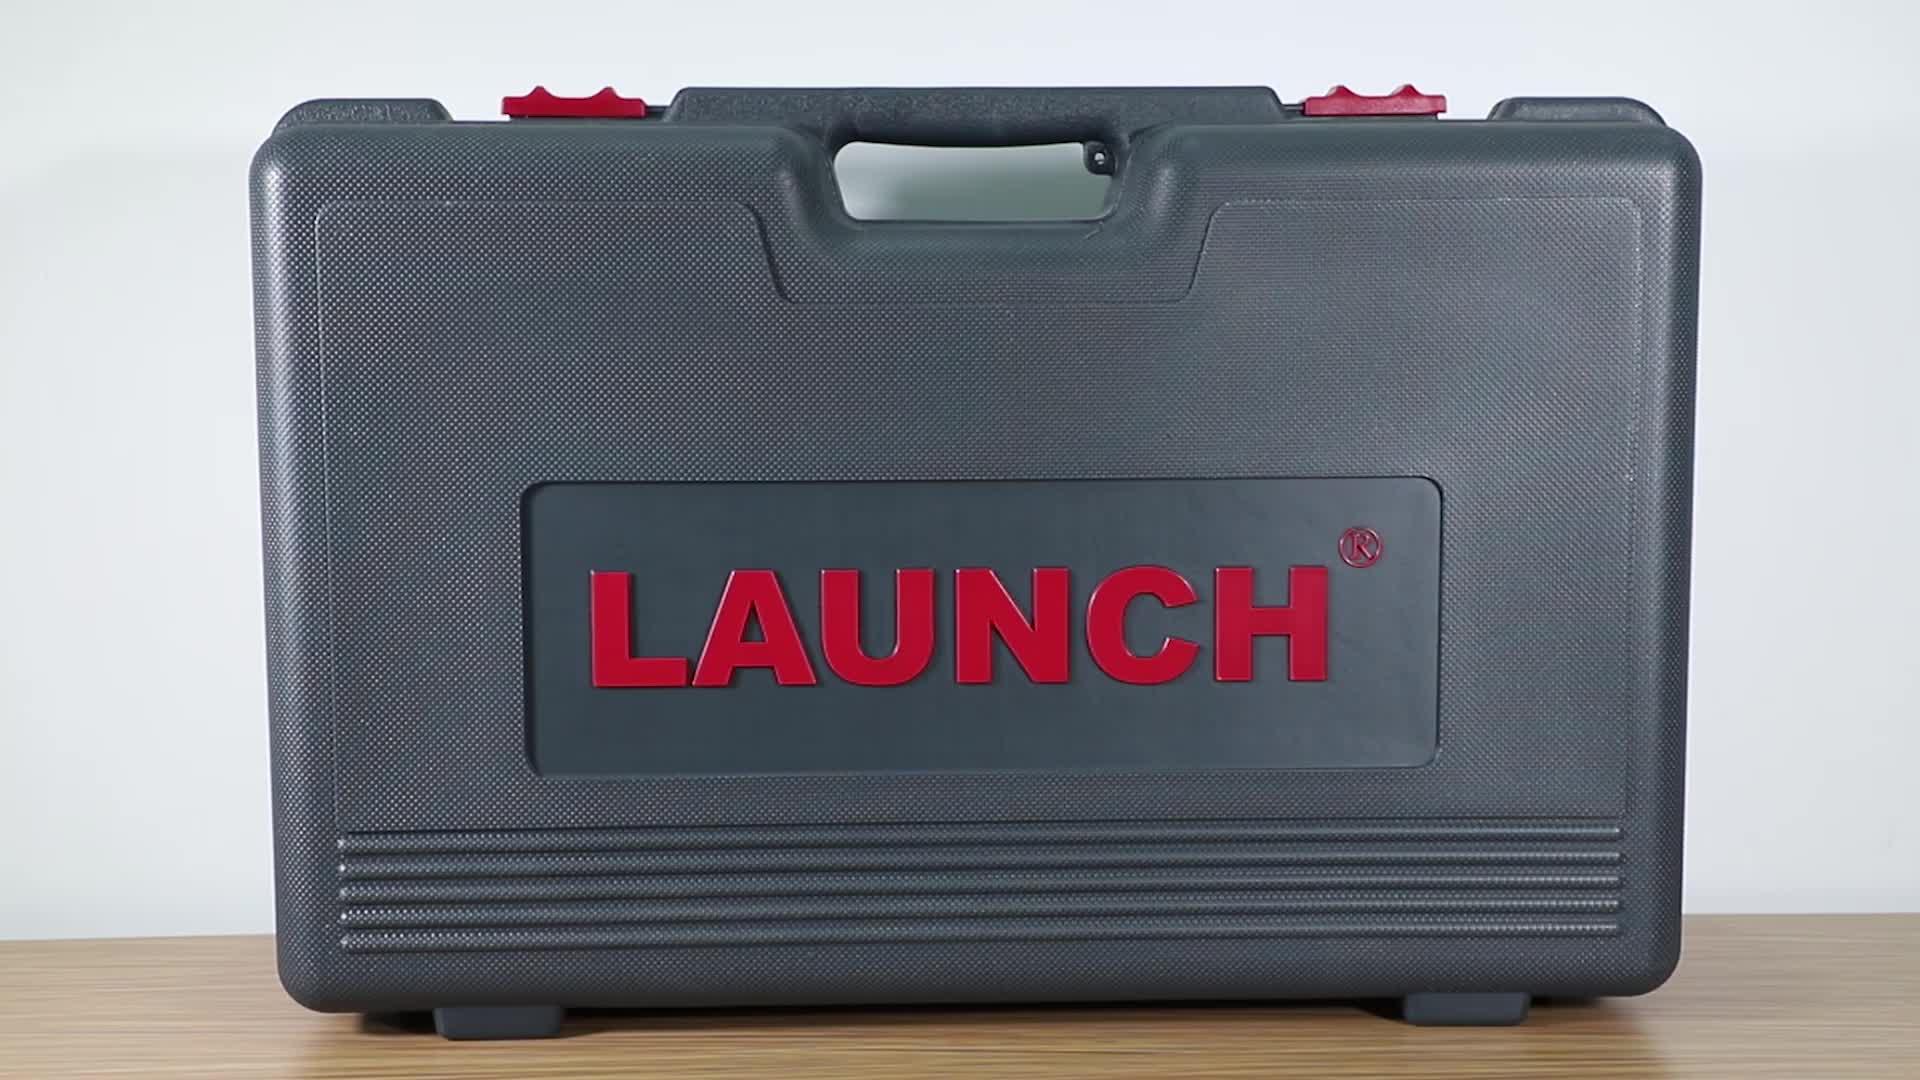 원래 발사 진단 기계 X431 V 플러스 업데이트 Launch x431 pro3 전체 시스템 자동 진단 스캐너 도구